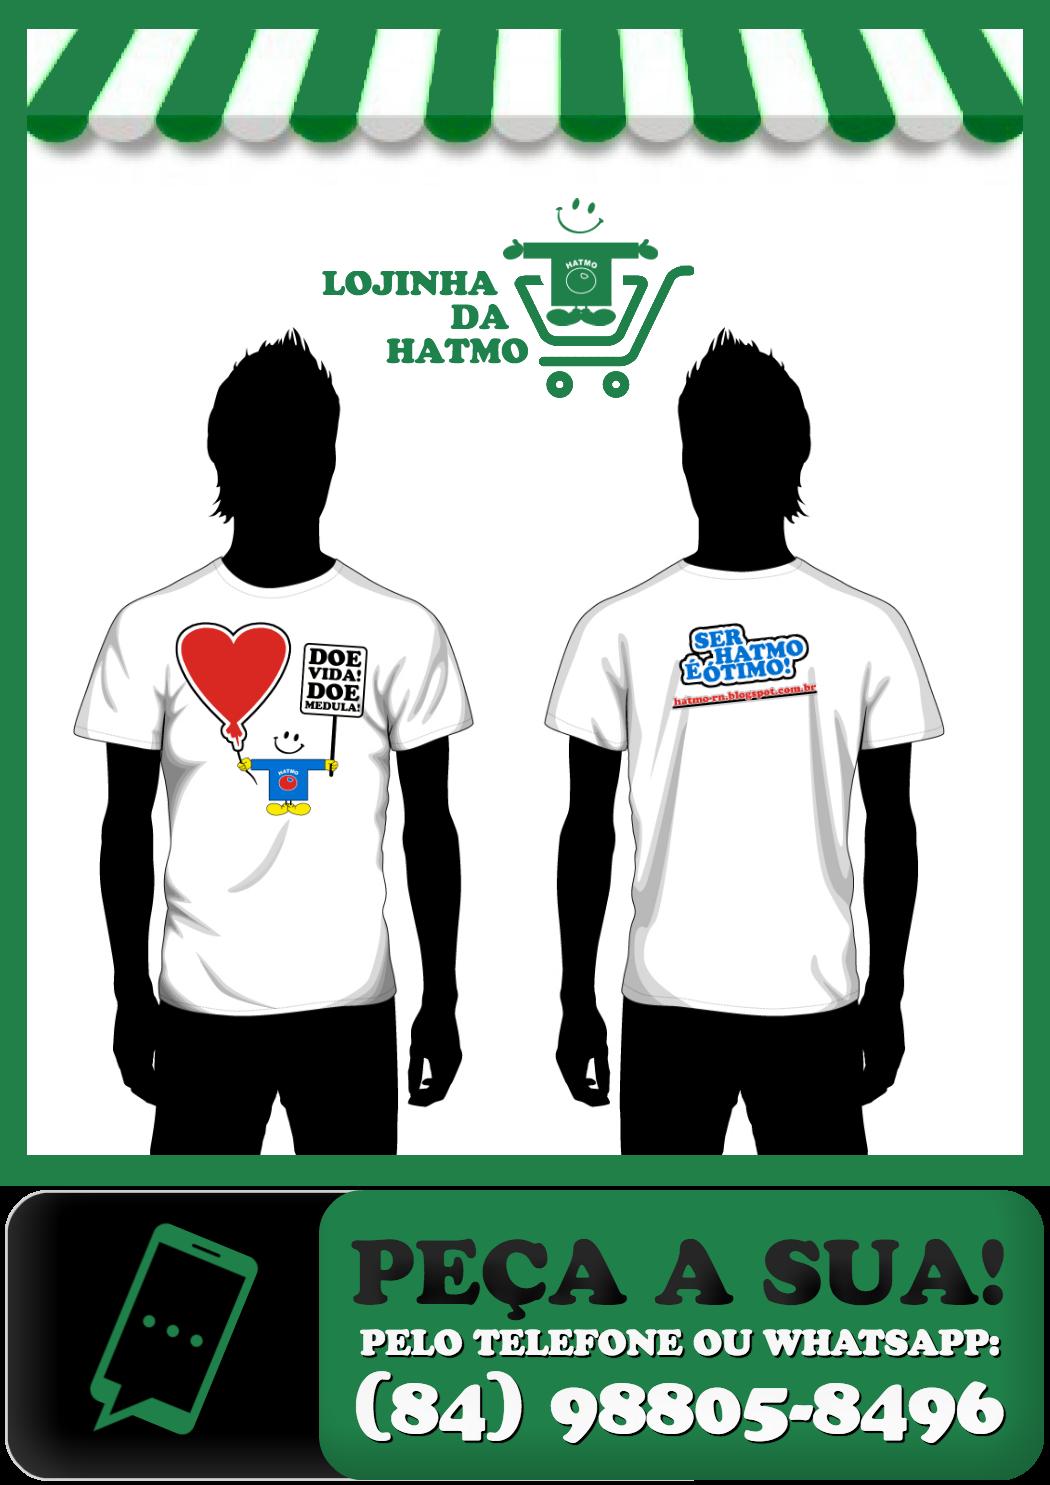 Camiseta Anjos da Páscoa 2016. Troque por uma cesta básica na sede da HATMO ou encomende por R$29,90 cada [+ Frete] pelo telefone/whatsapp (84) 988058496